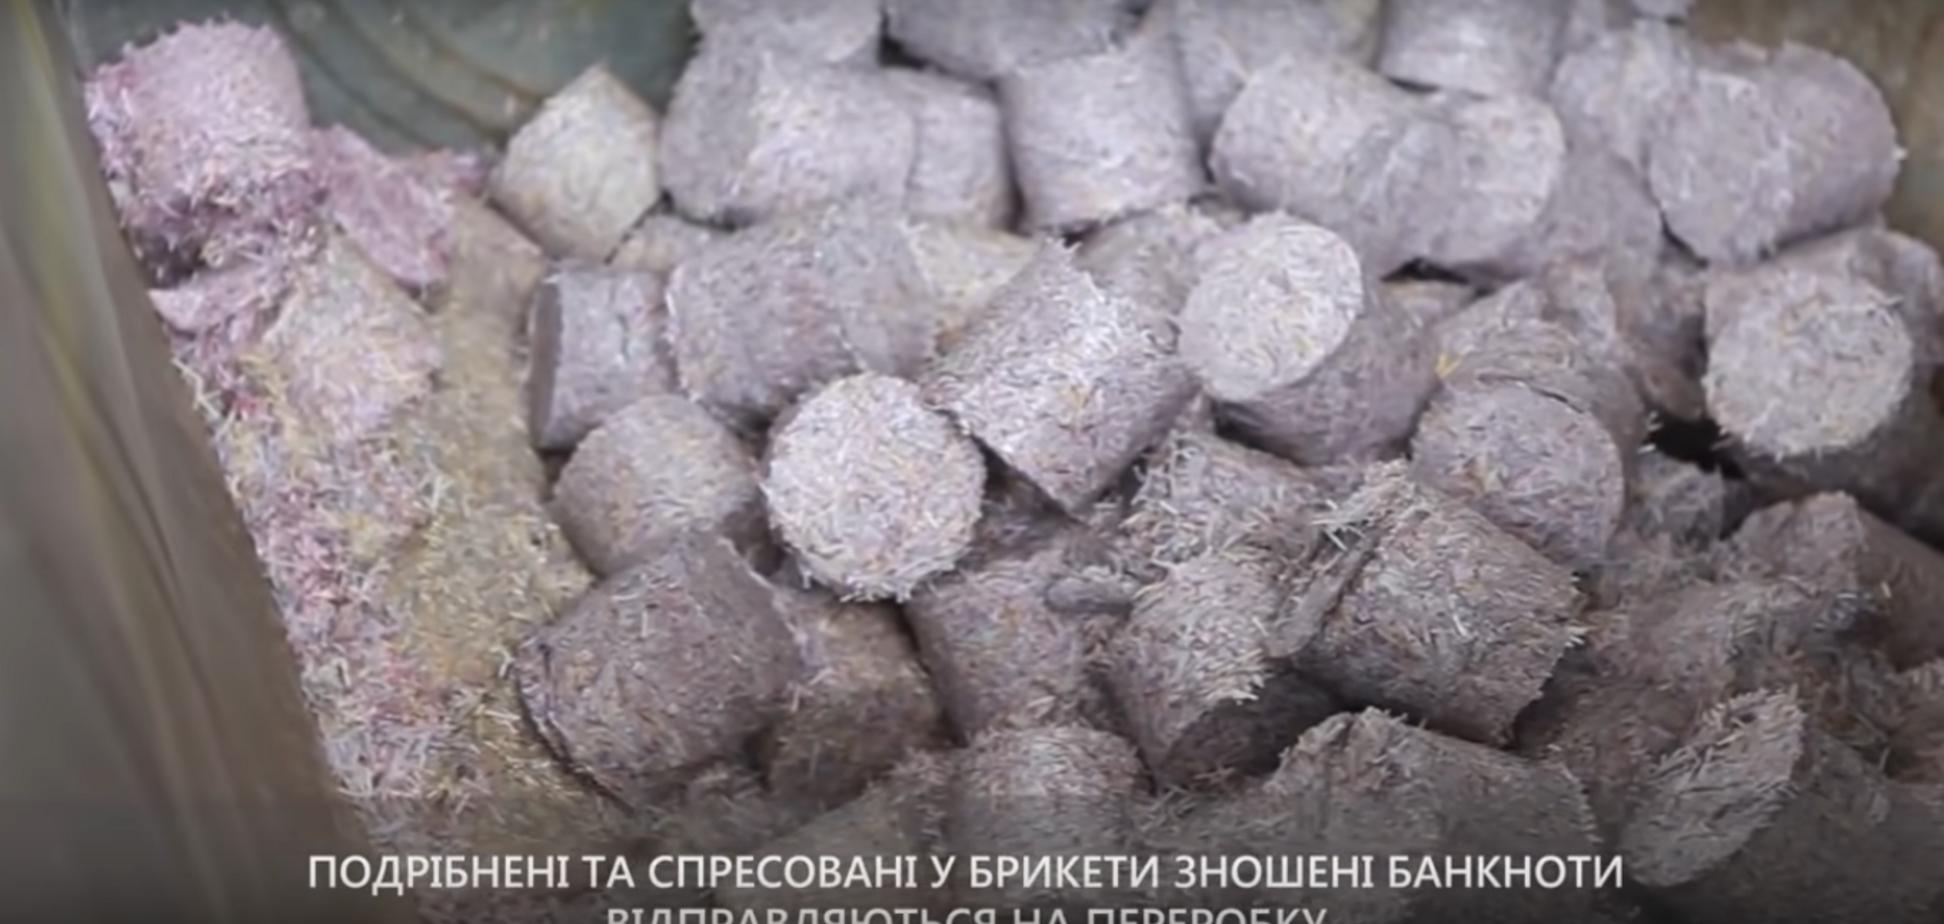 Під Дніпром знайшли порізані мільйони гривень: стало відомо, що сталося